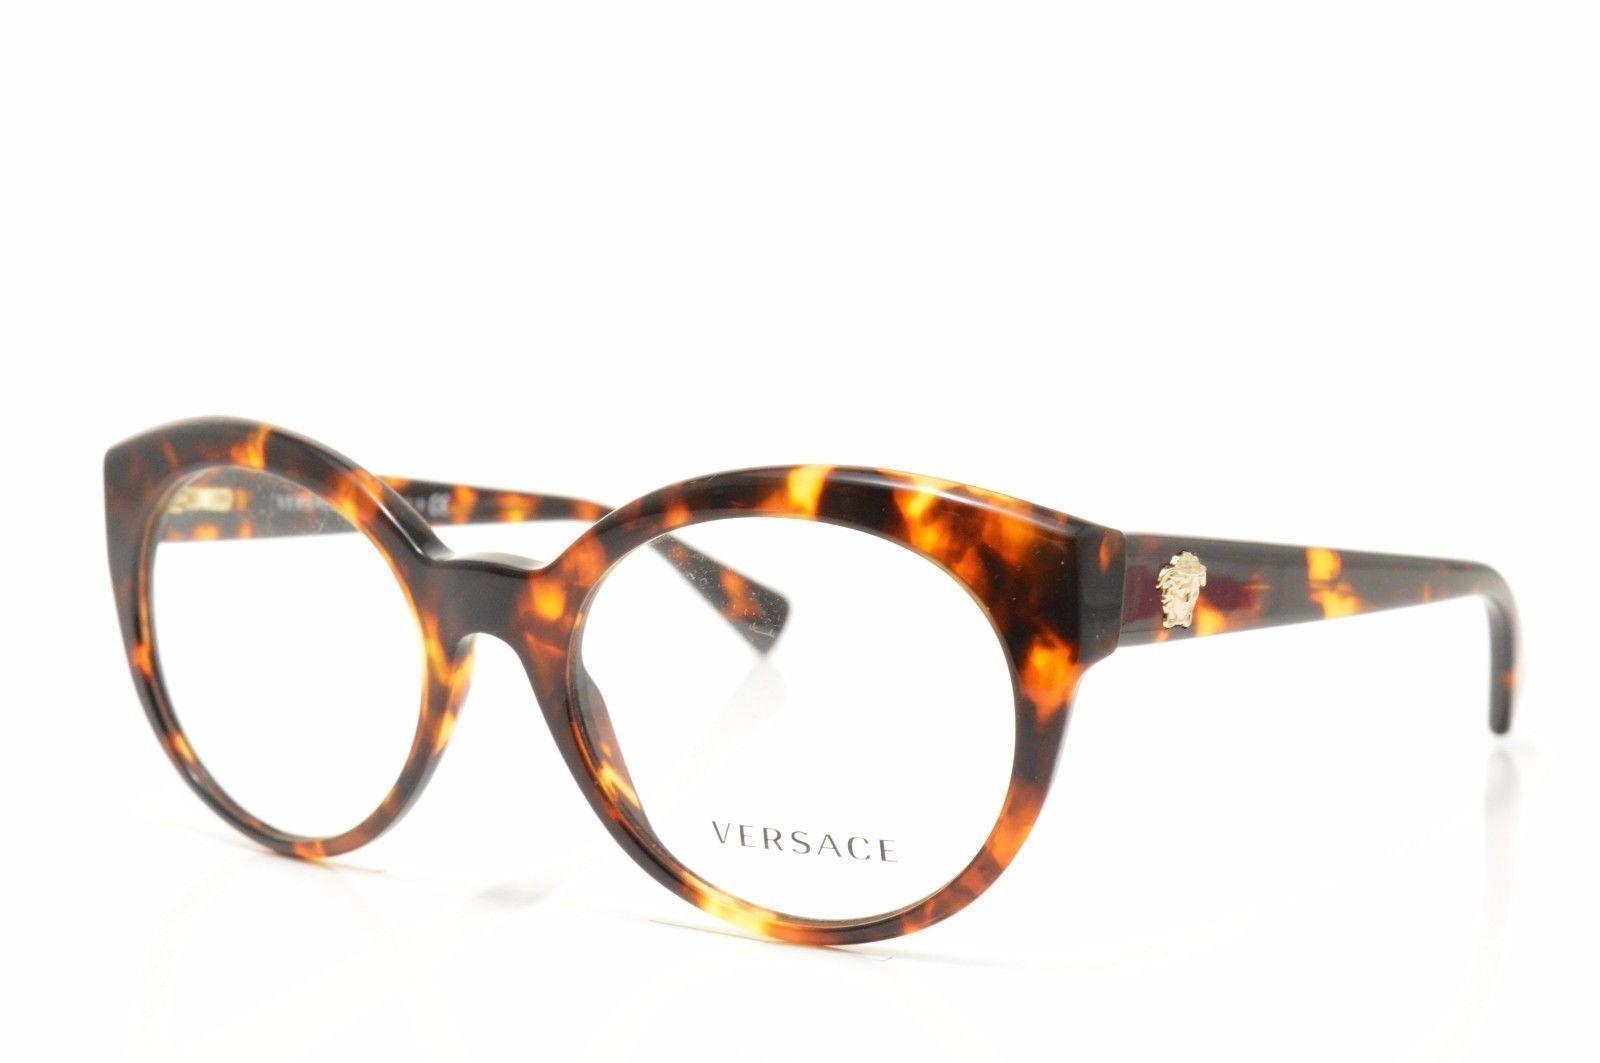 e2cca45235e Versace Ve 3217 5148 53 Havana Frame Eyeglasses for sale online